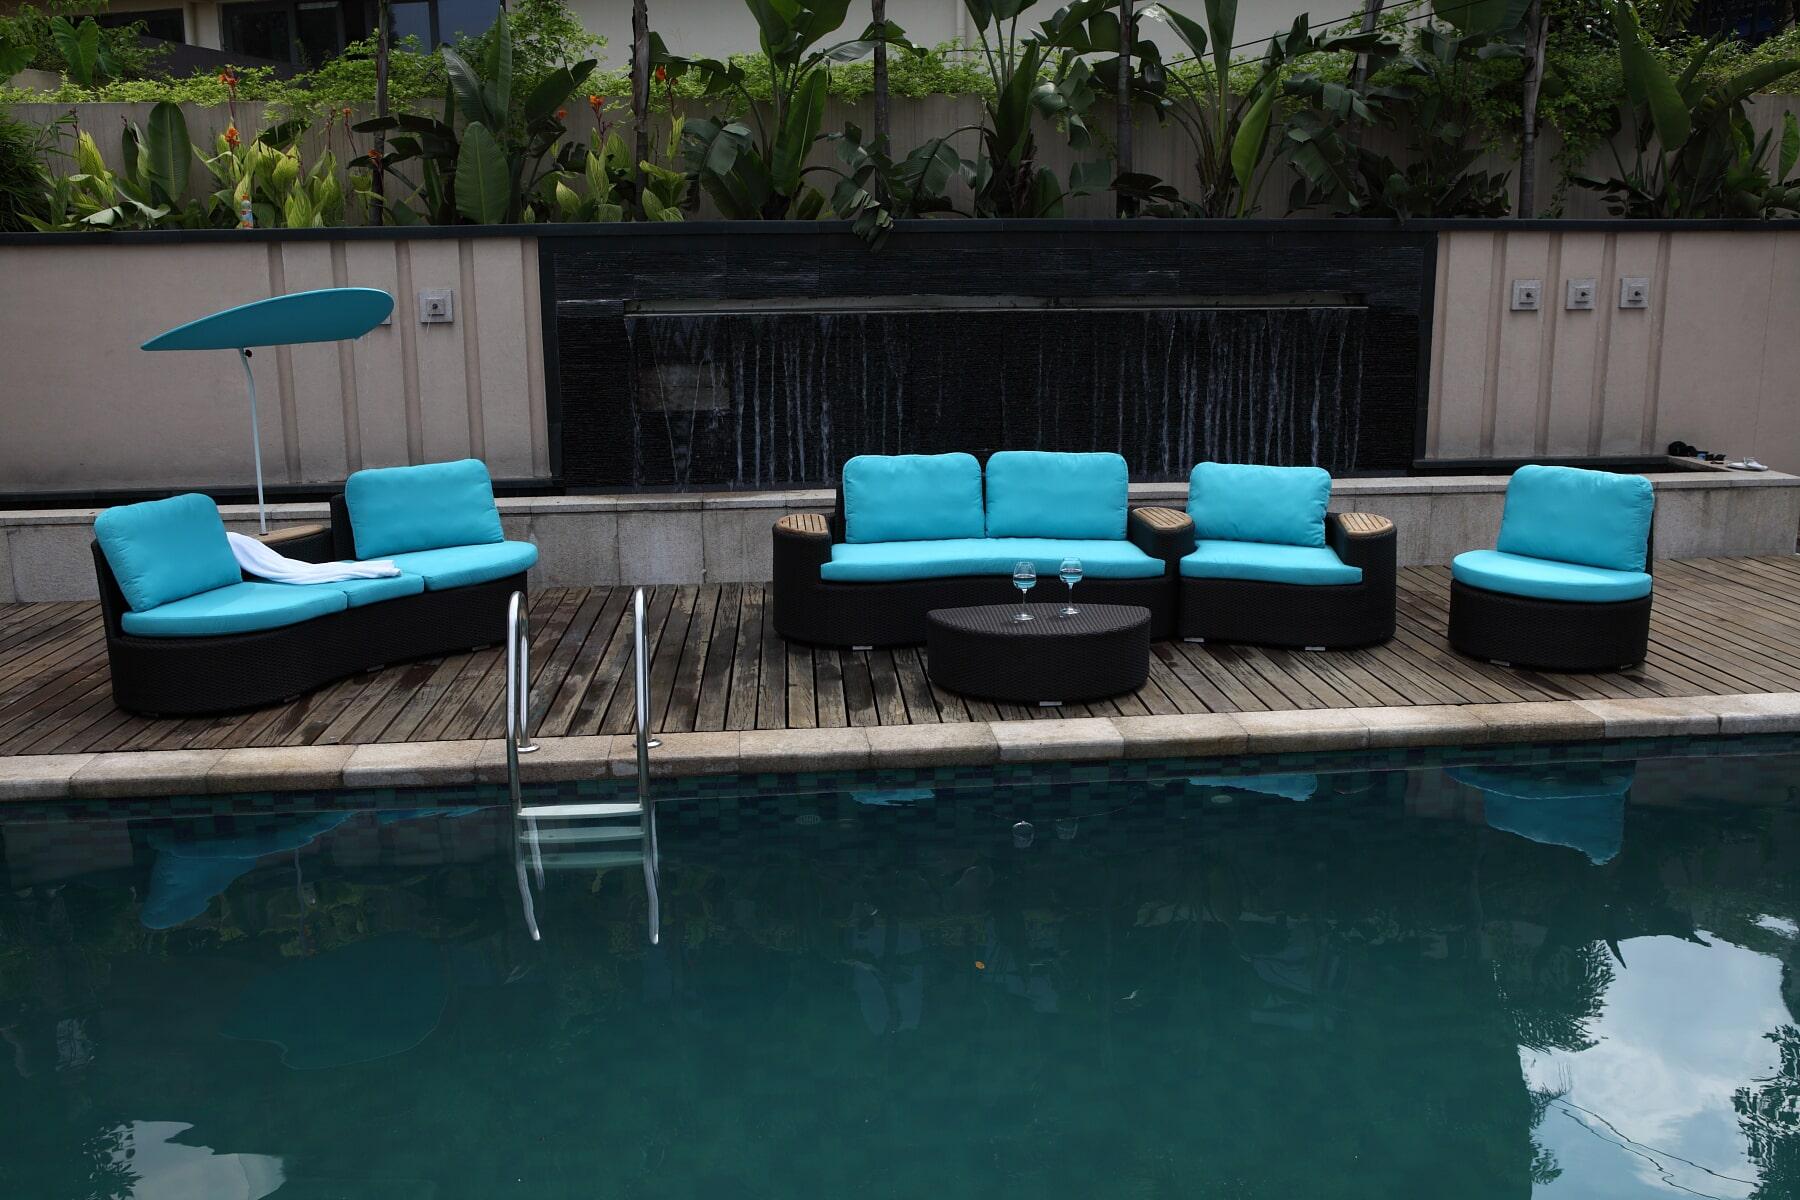 Naples Furniture Liquidators image 2